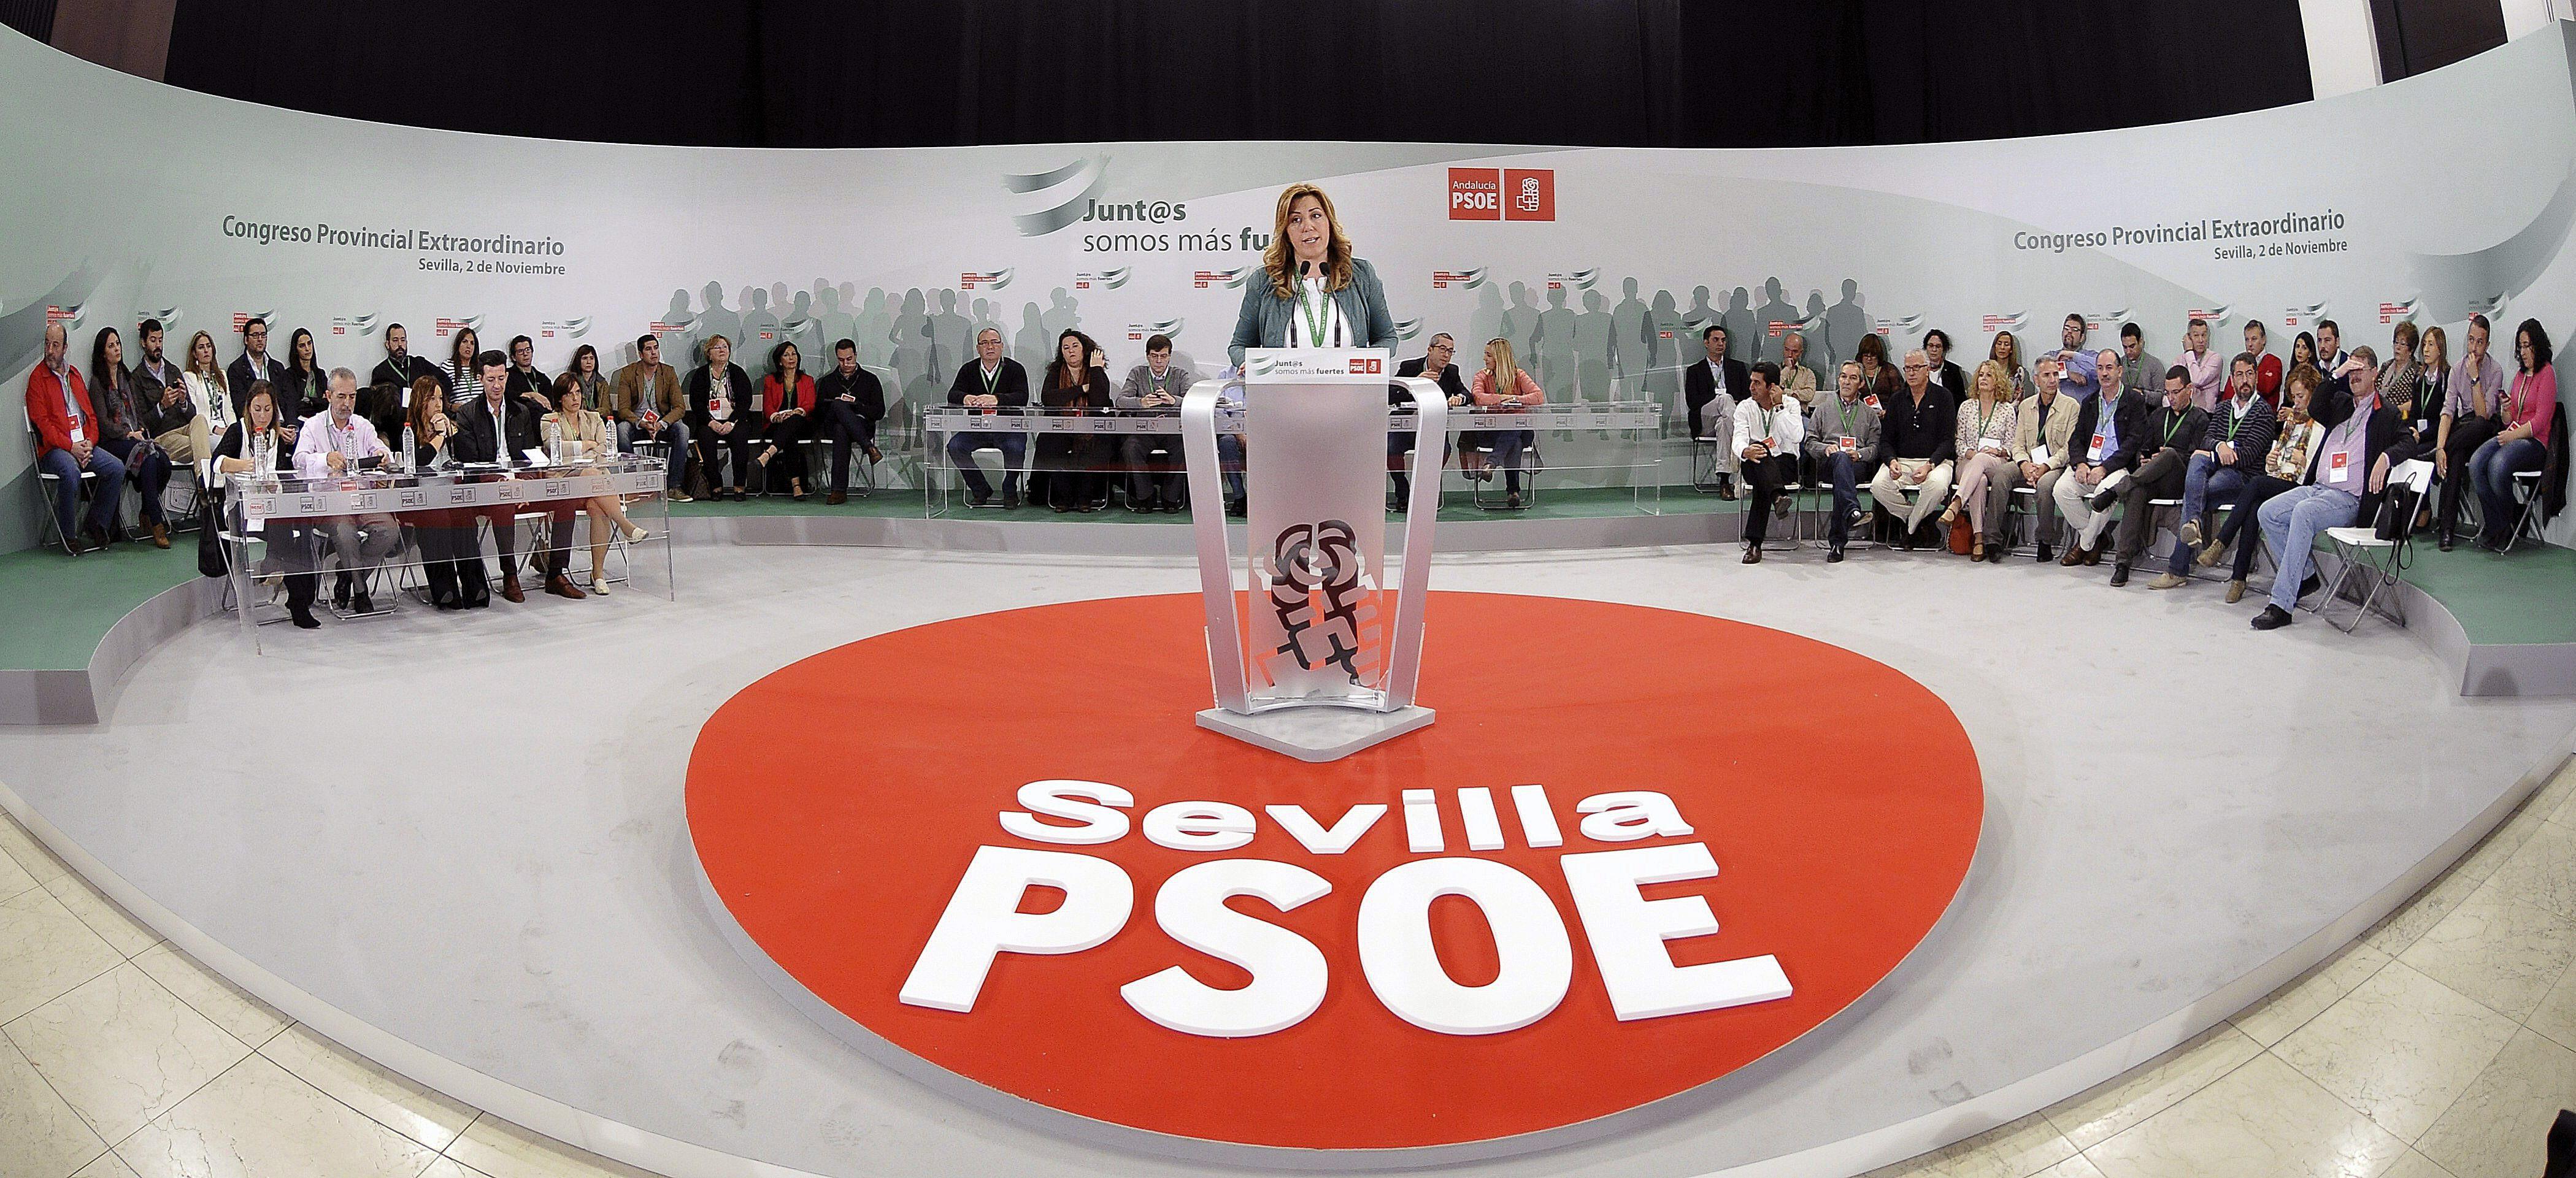 Casi 600 proyectos de la Región se beneficiarán de una ayuda de dos millones de euros de la Junta para emprendedores